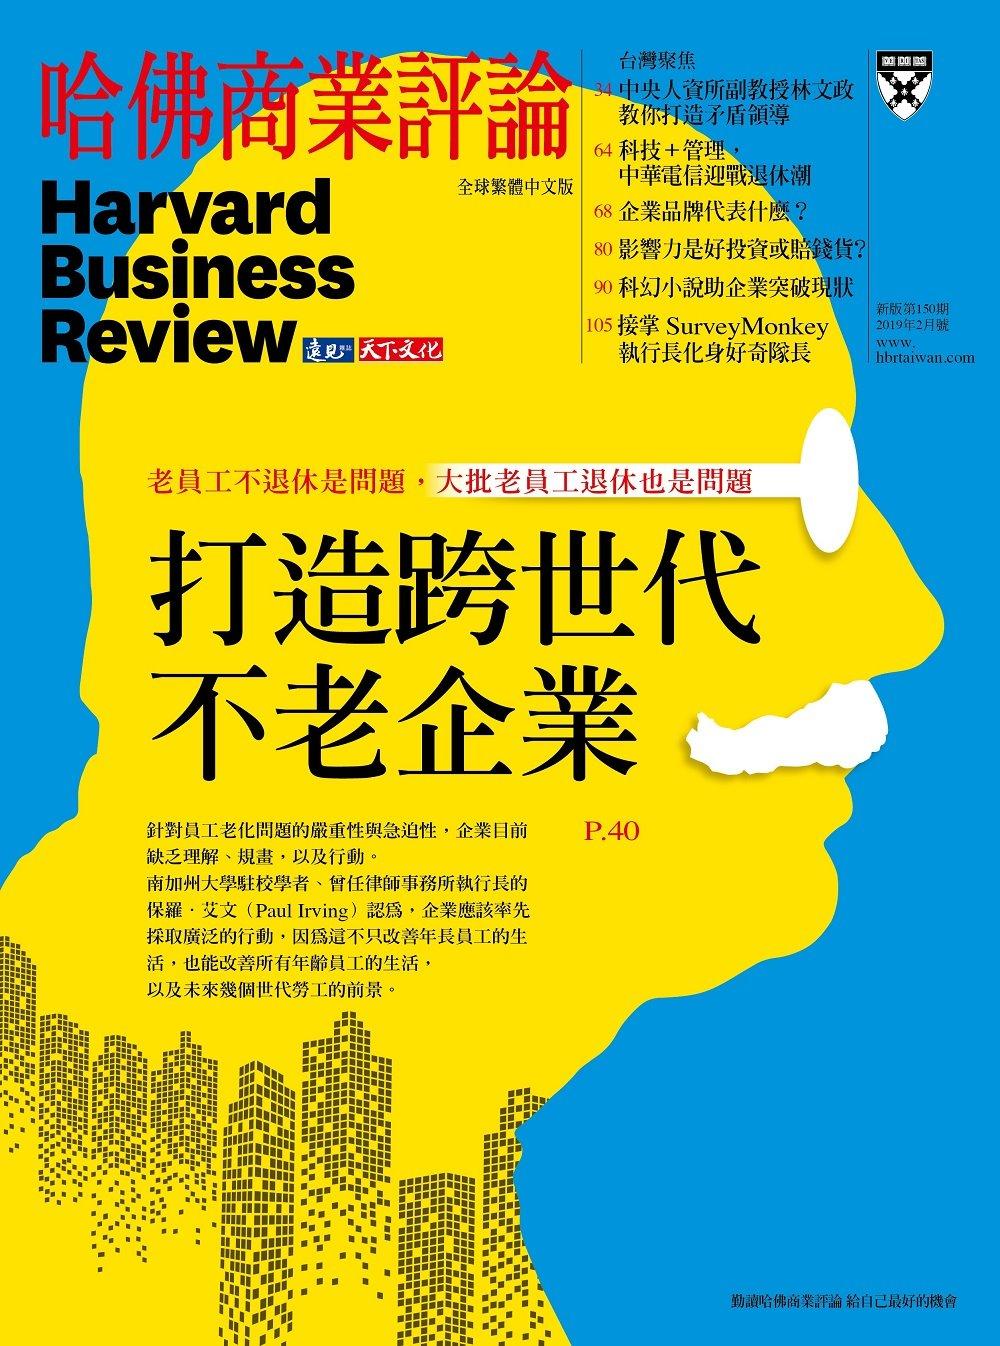 哈佛商業評論全球中文版 2月號/2019 第150期